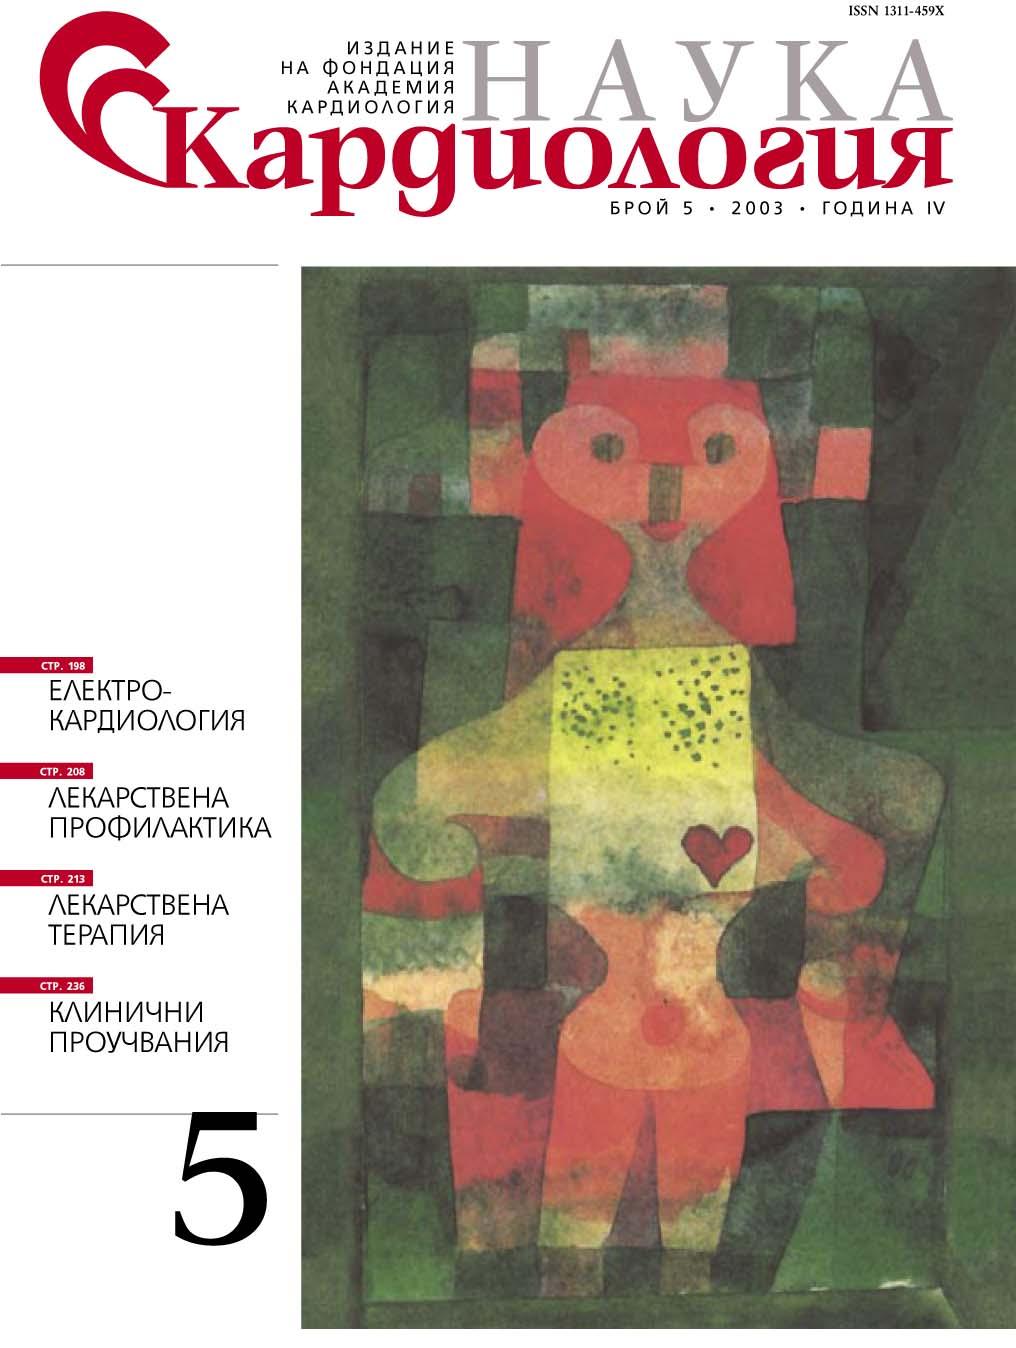 Наука Кардиология 5/2003